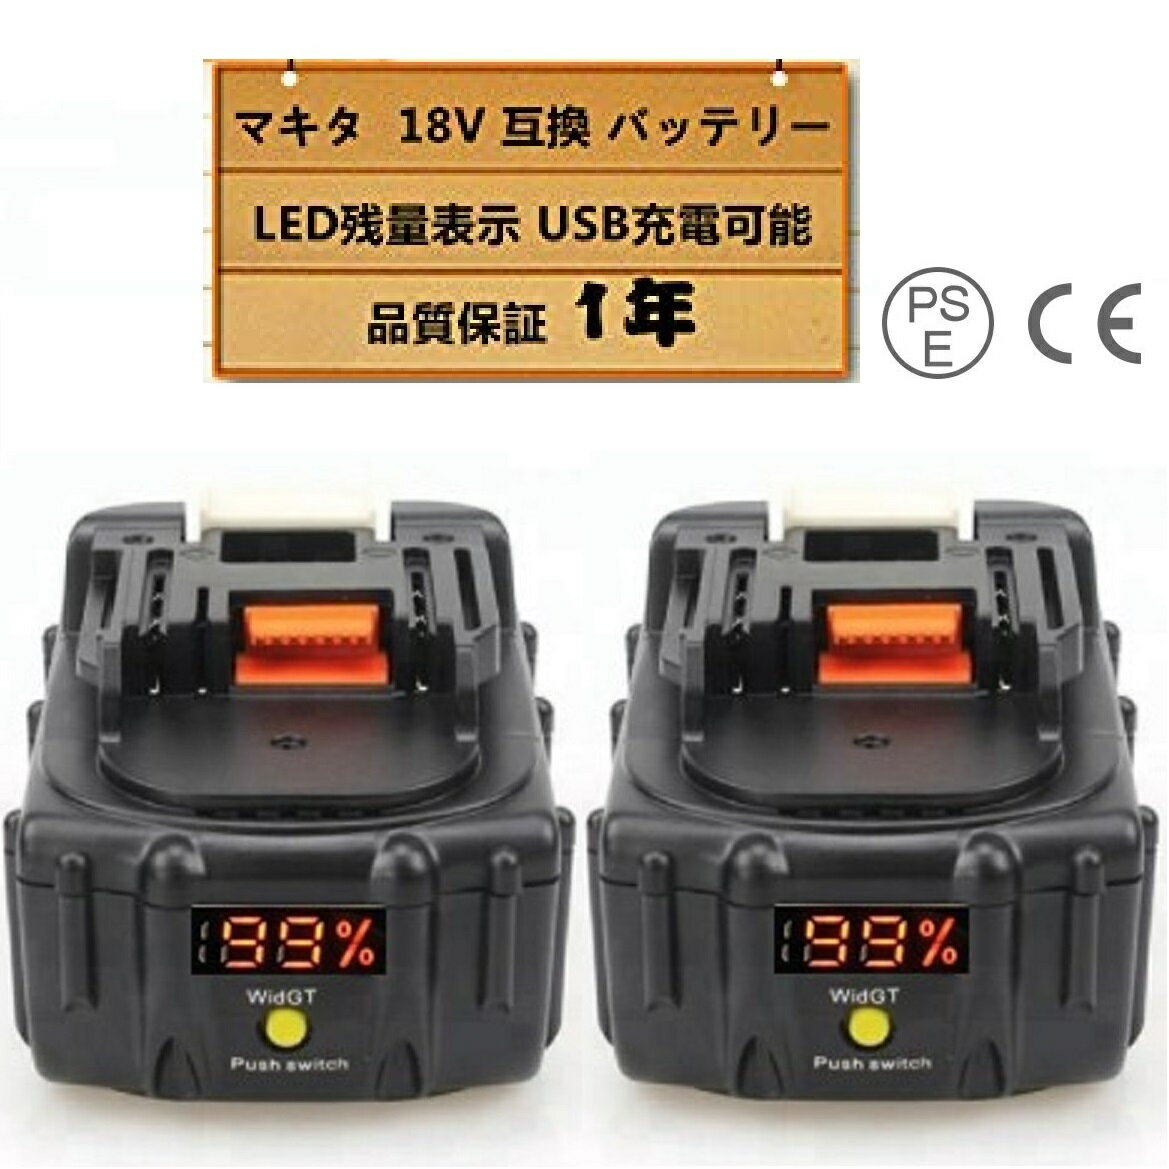 2個セット BL1860B マキタ 18v 6.0Ah 6000mAh SONY製セル マキタ互換バッテリー %残量表示・USBポート付き付き